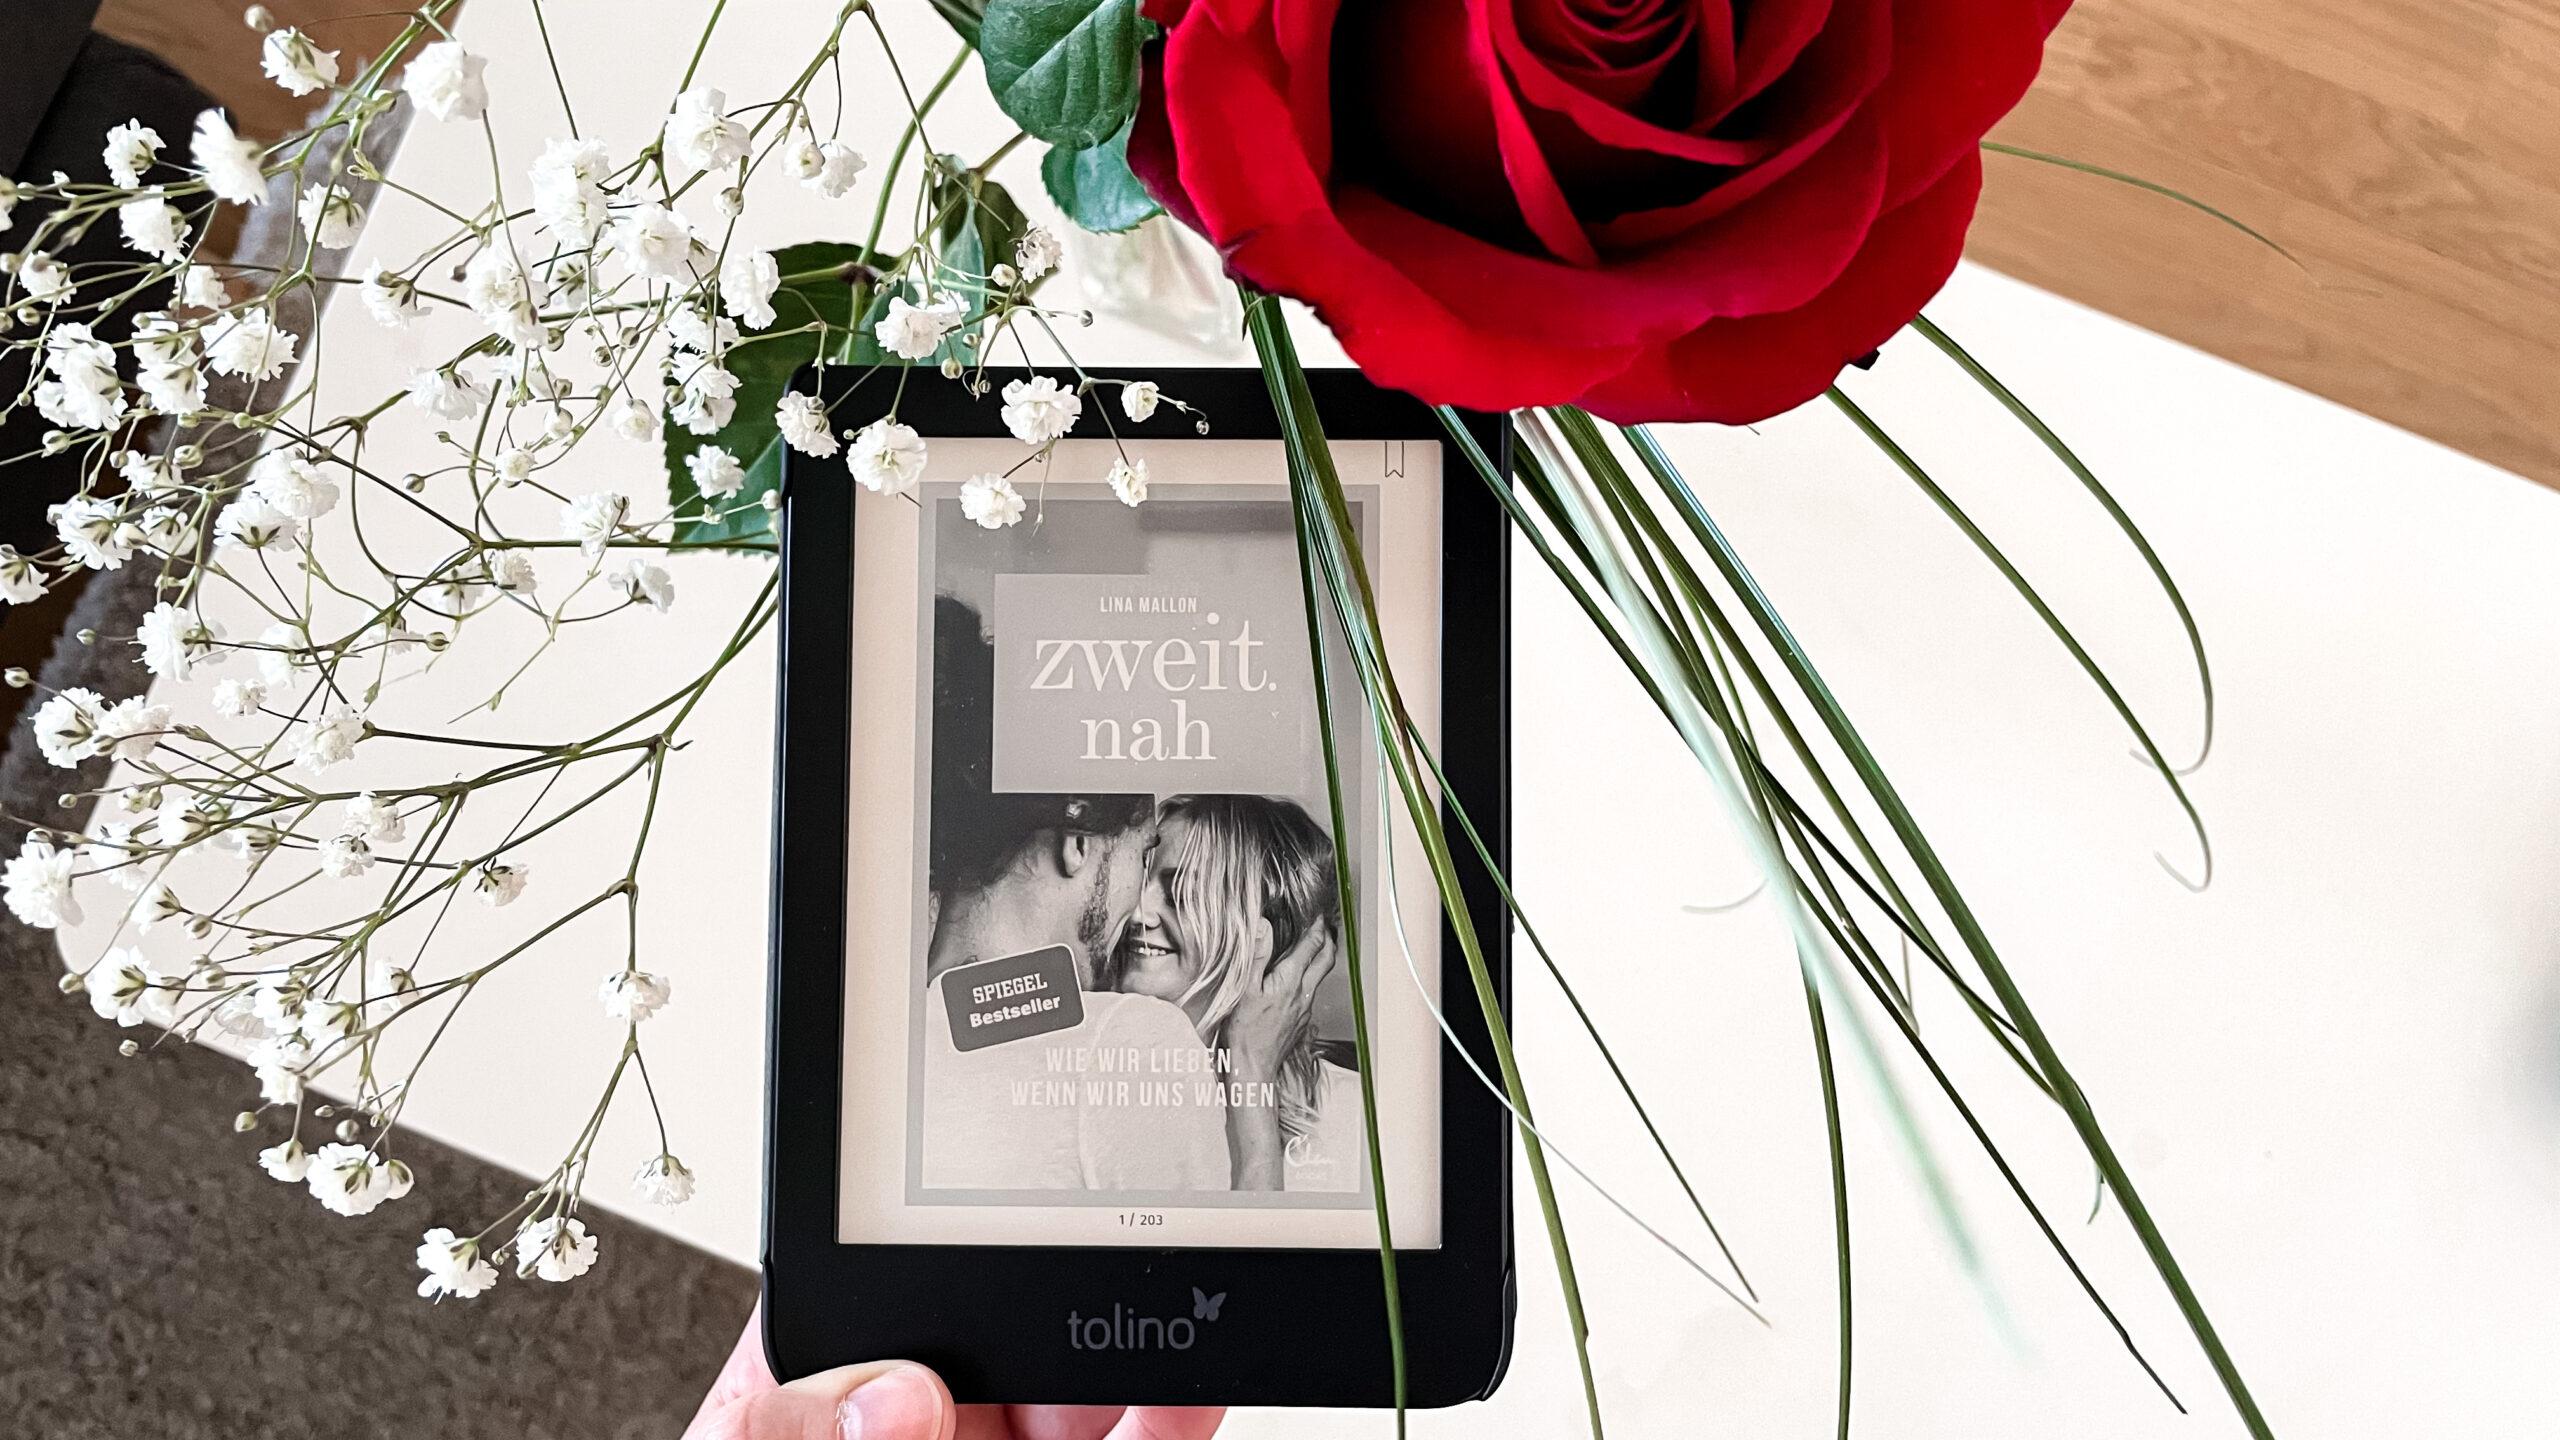 Tolino mit Cover zweit.nah neben Blumenstrauss mit Rose